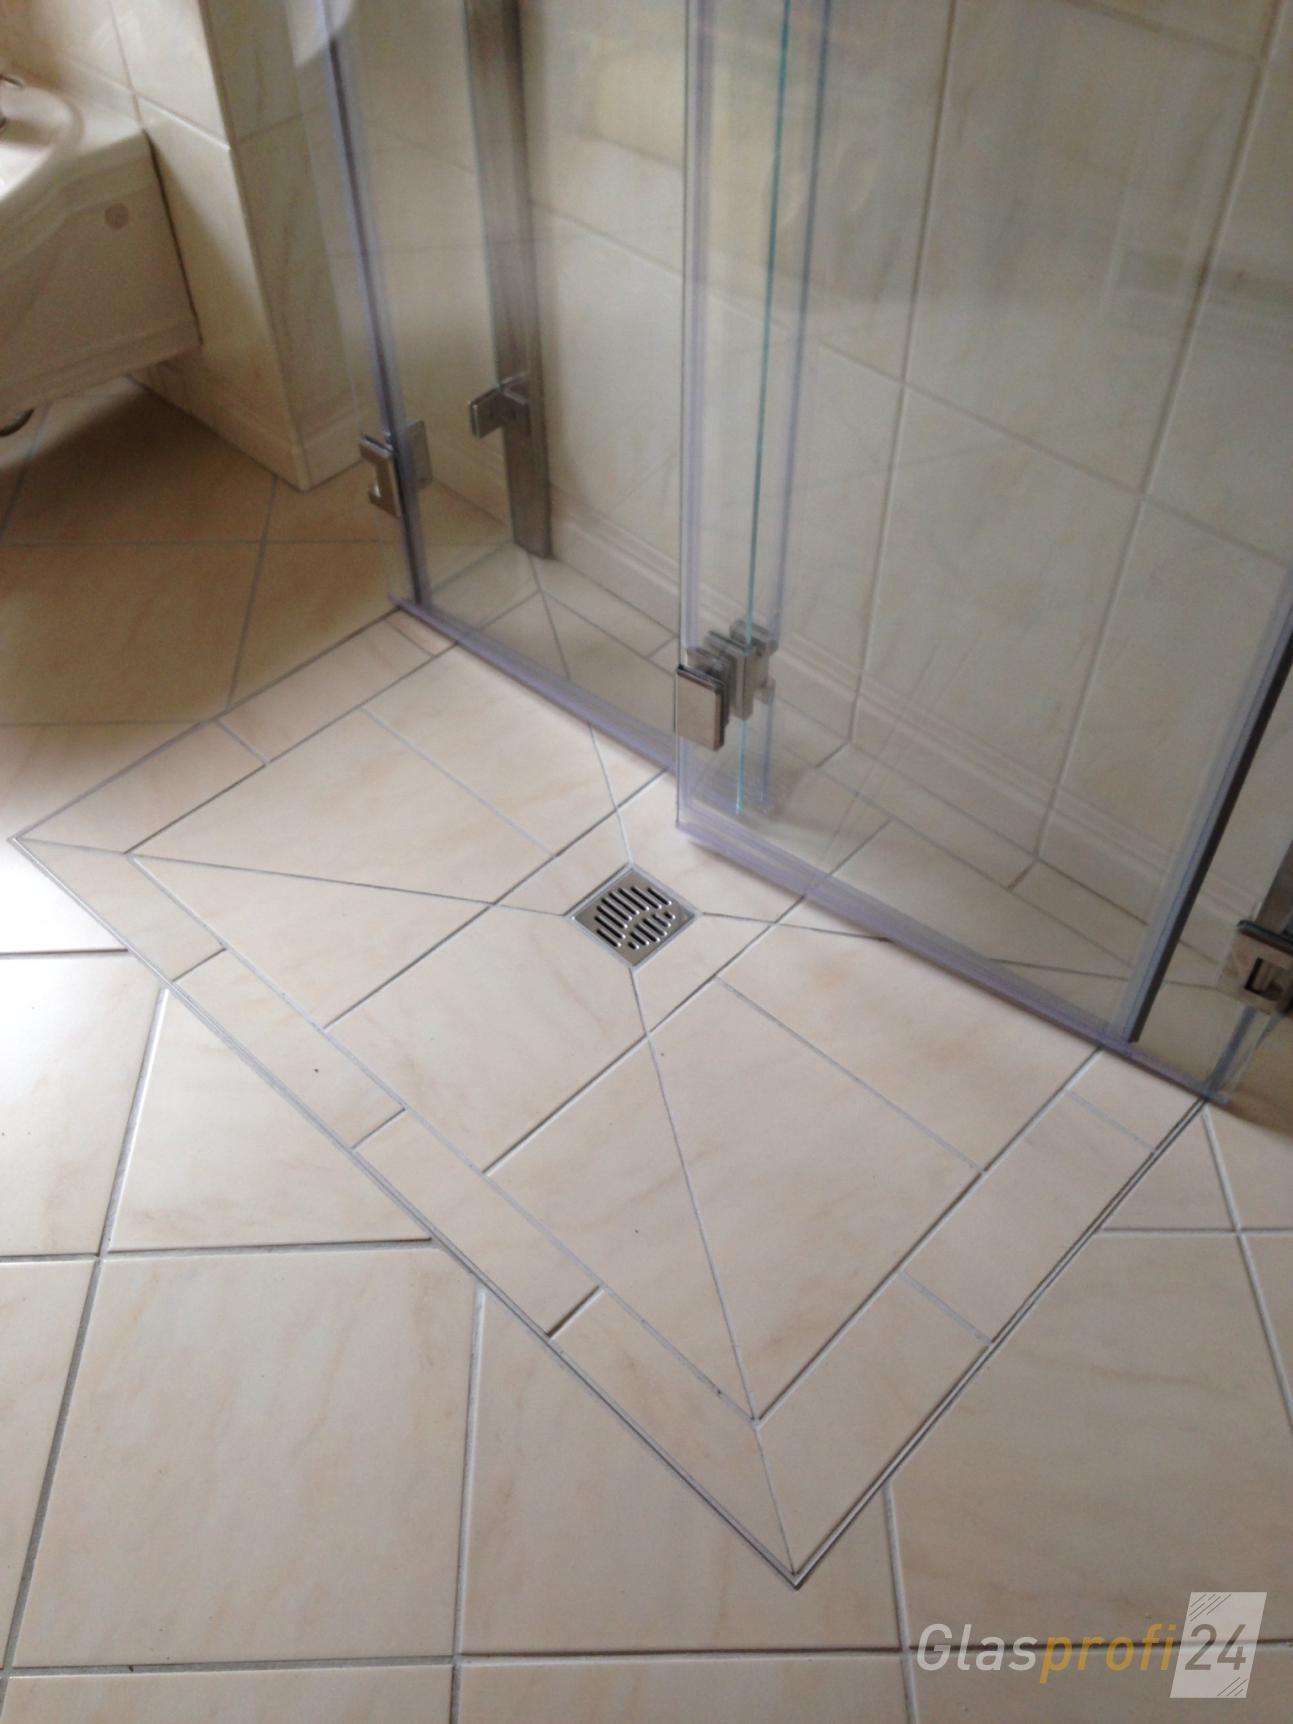 Faltbare Duschkabine Aus Glas Faltbare Duschkabine Aus Glas Glasprofi24 Aus Babyzimmerfurjung In 2020 Shower Cubicles Small Bathroom With Shower Bathroom Red